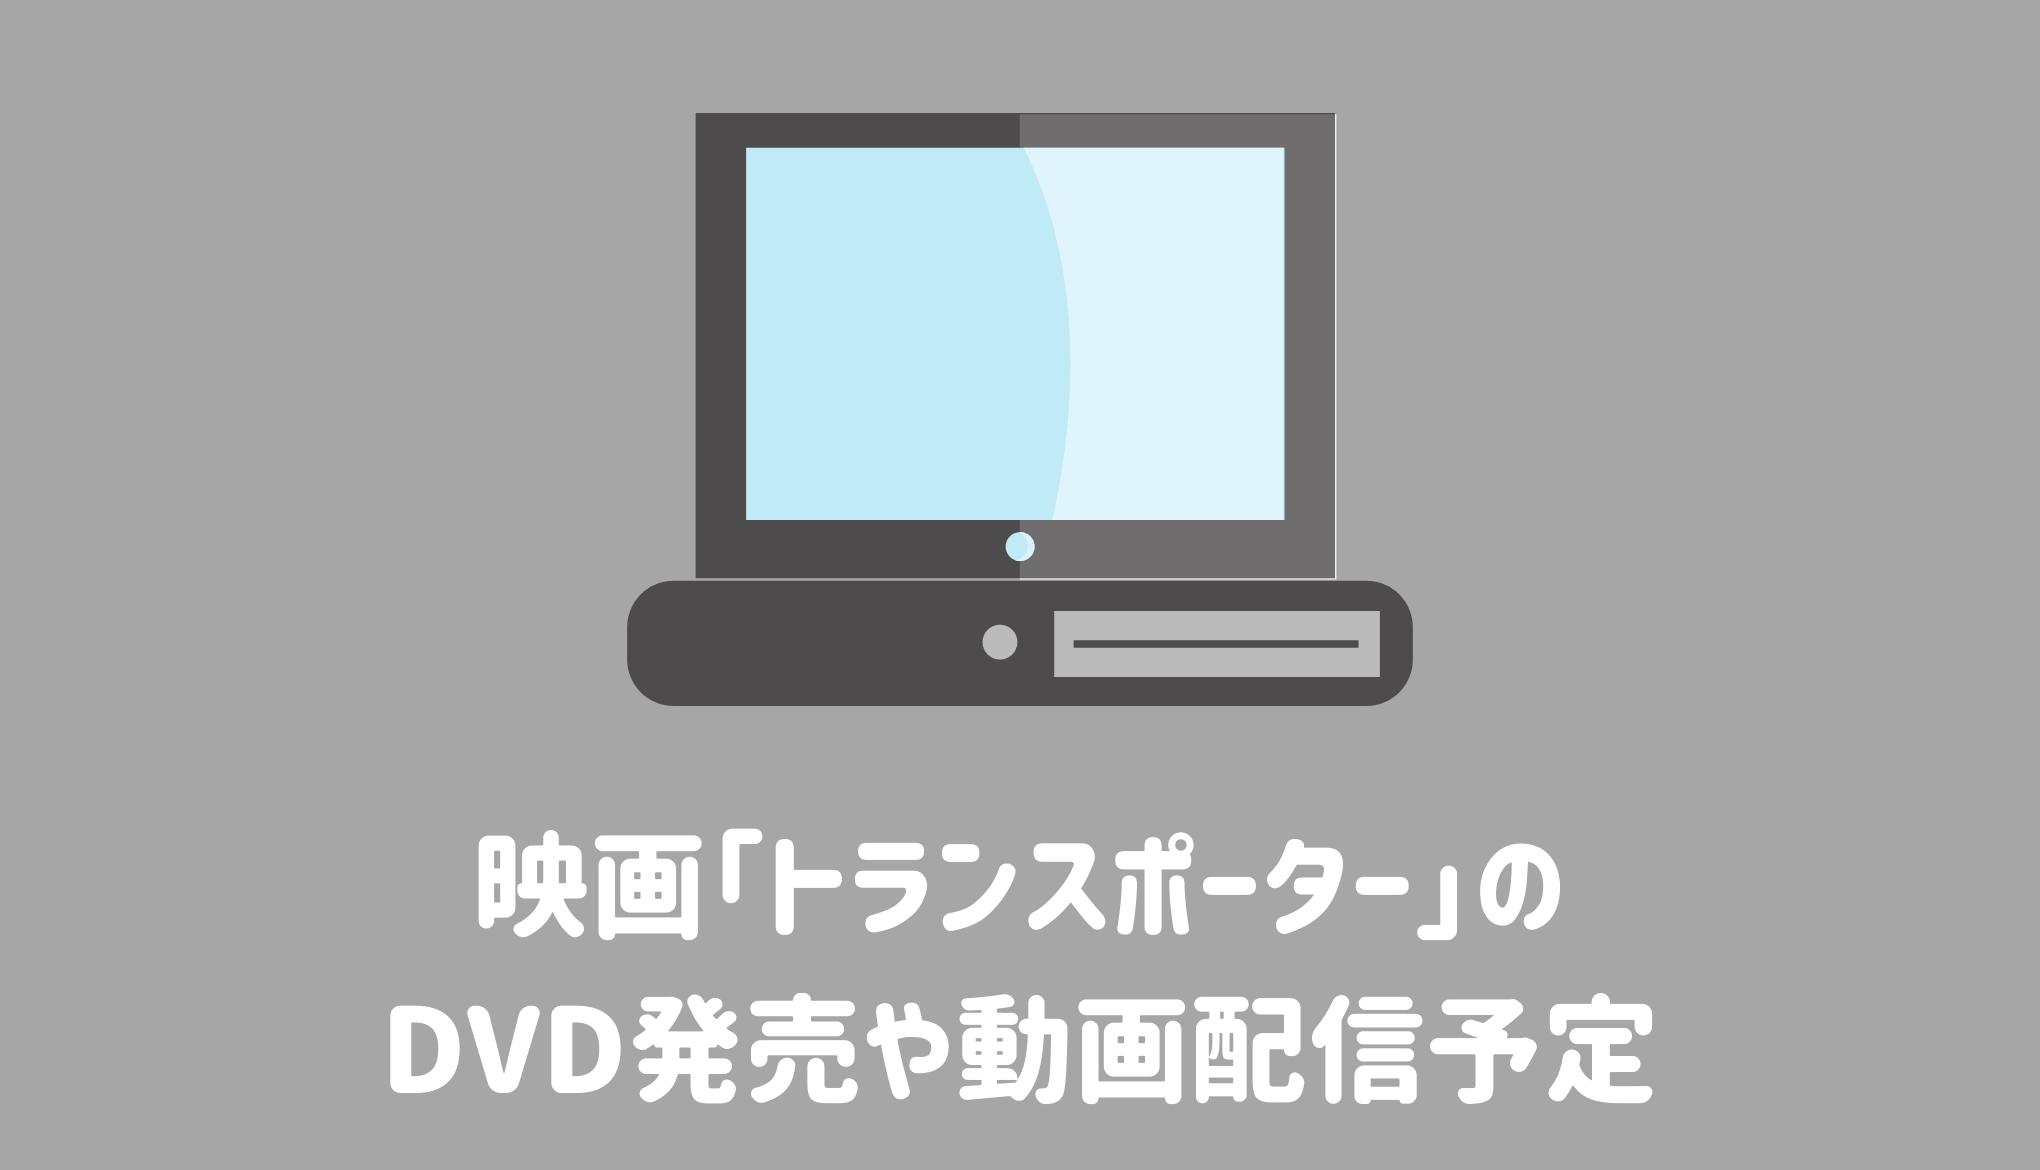 映画「トランスポーター」のDVD発売や動画配信予定をチェック